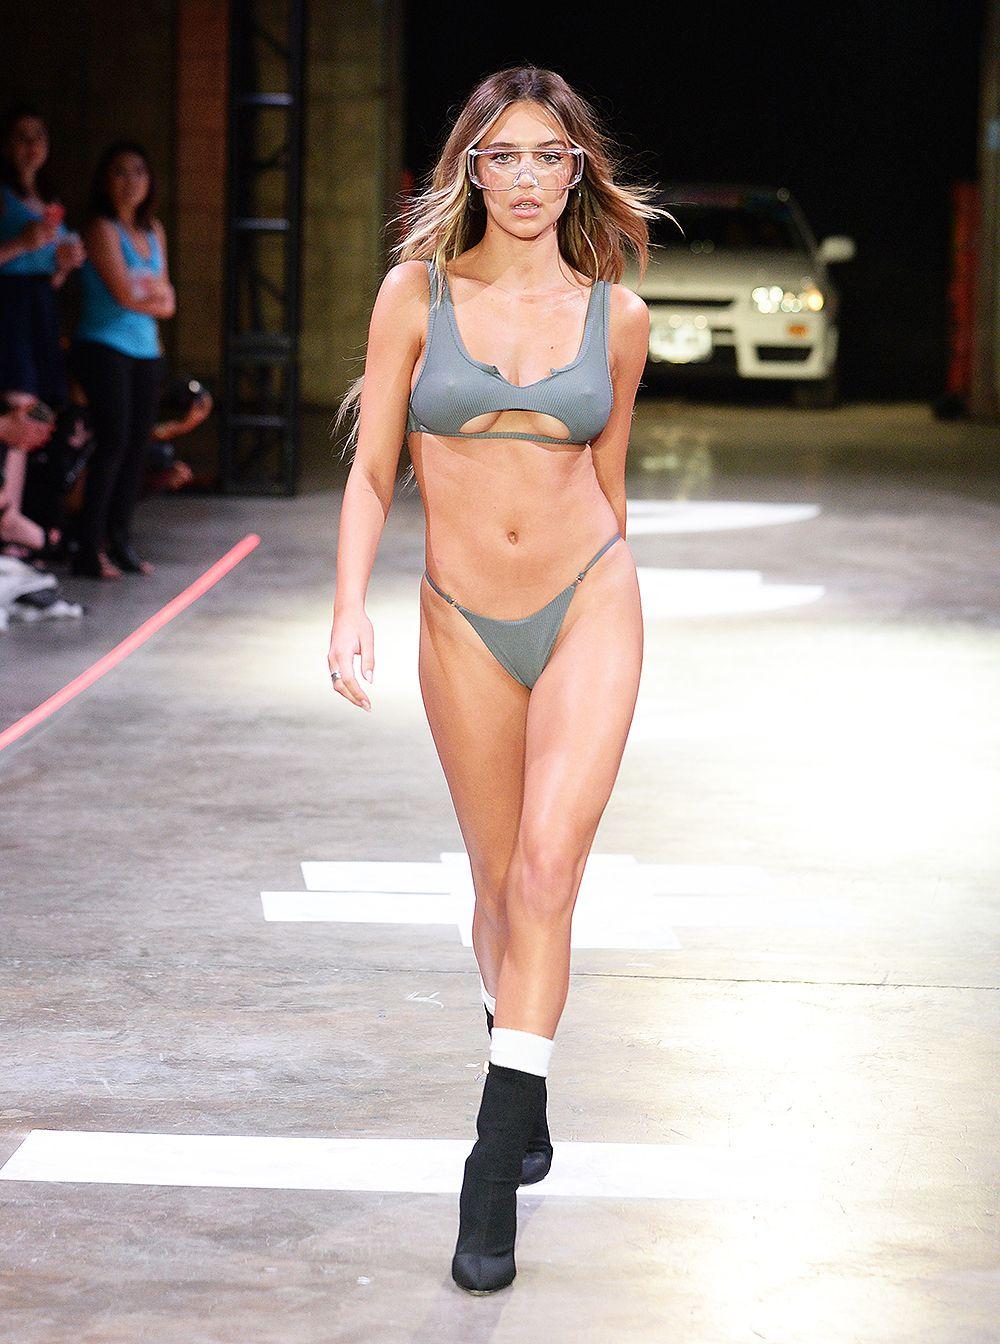 Delilah Belle Hamlin Bikini Nude Photos 89